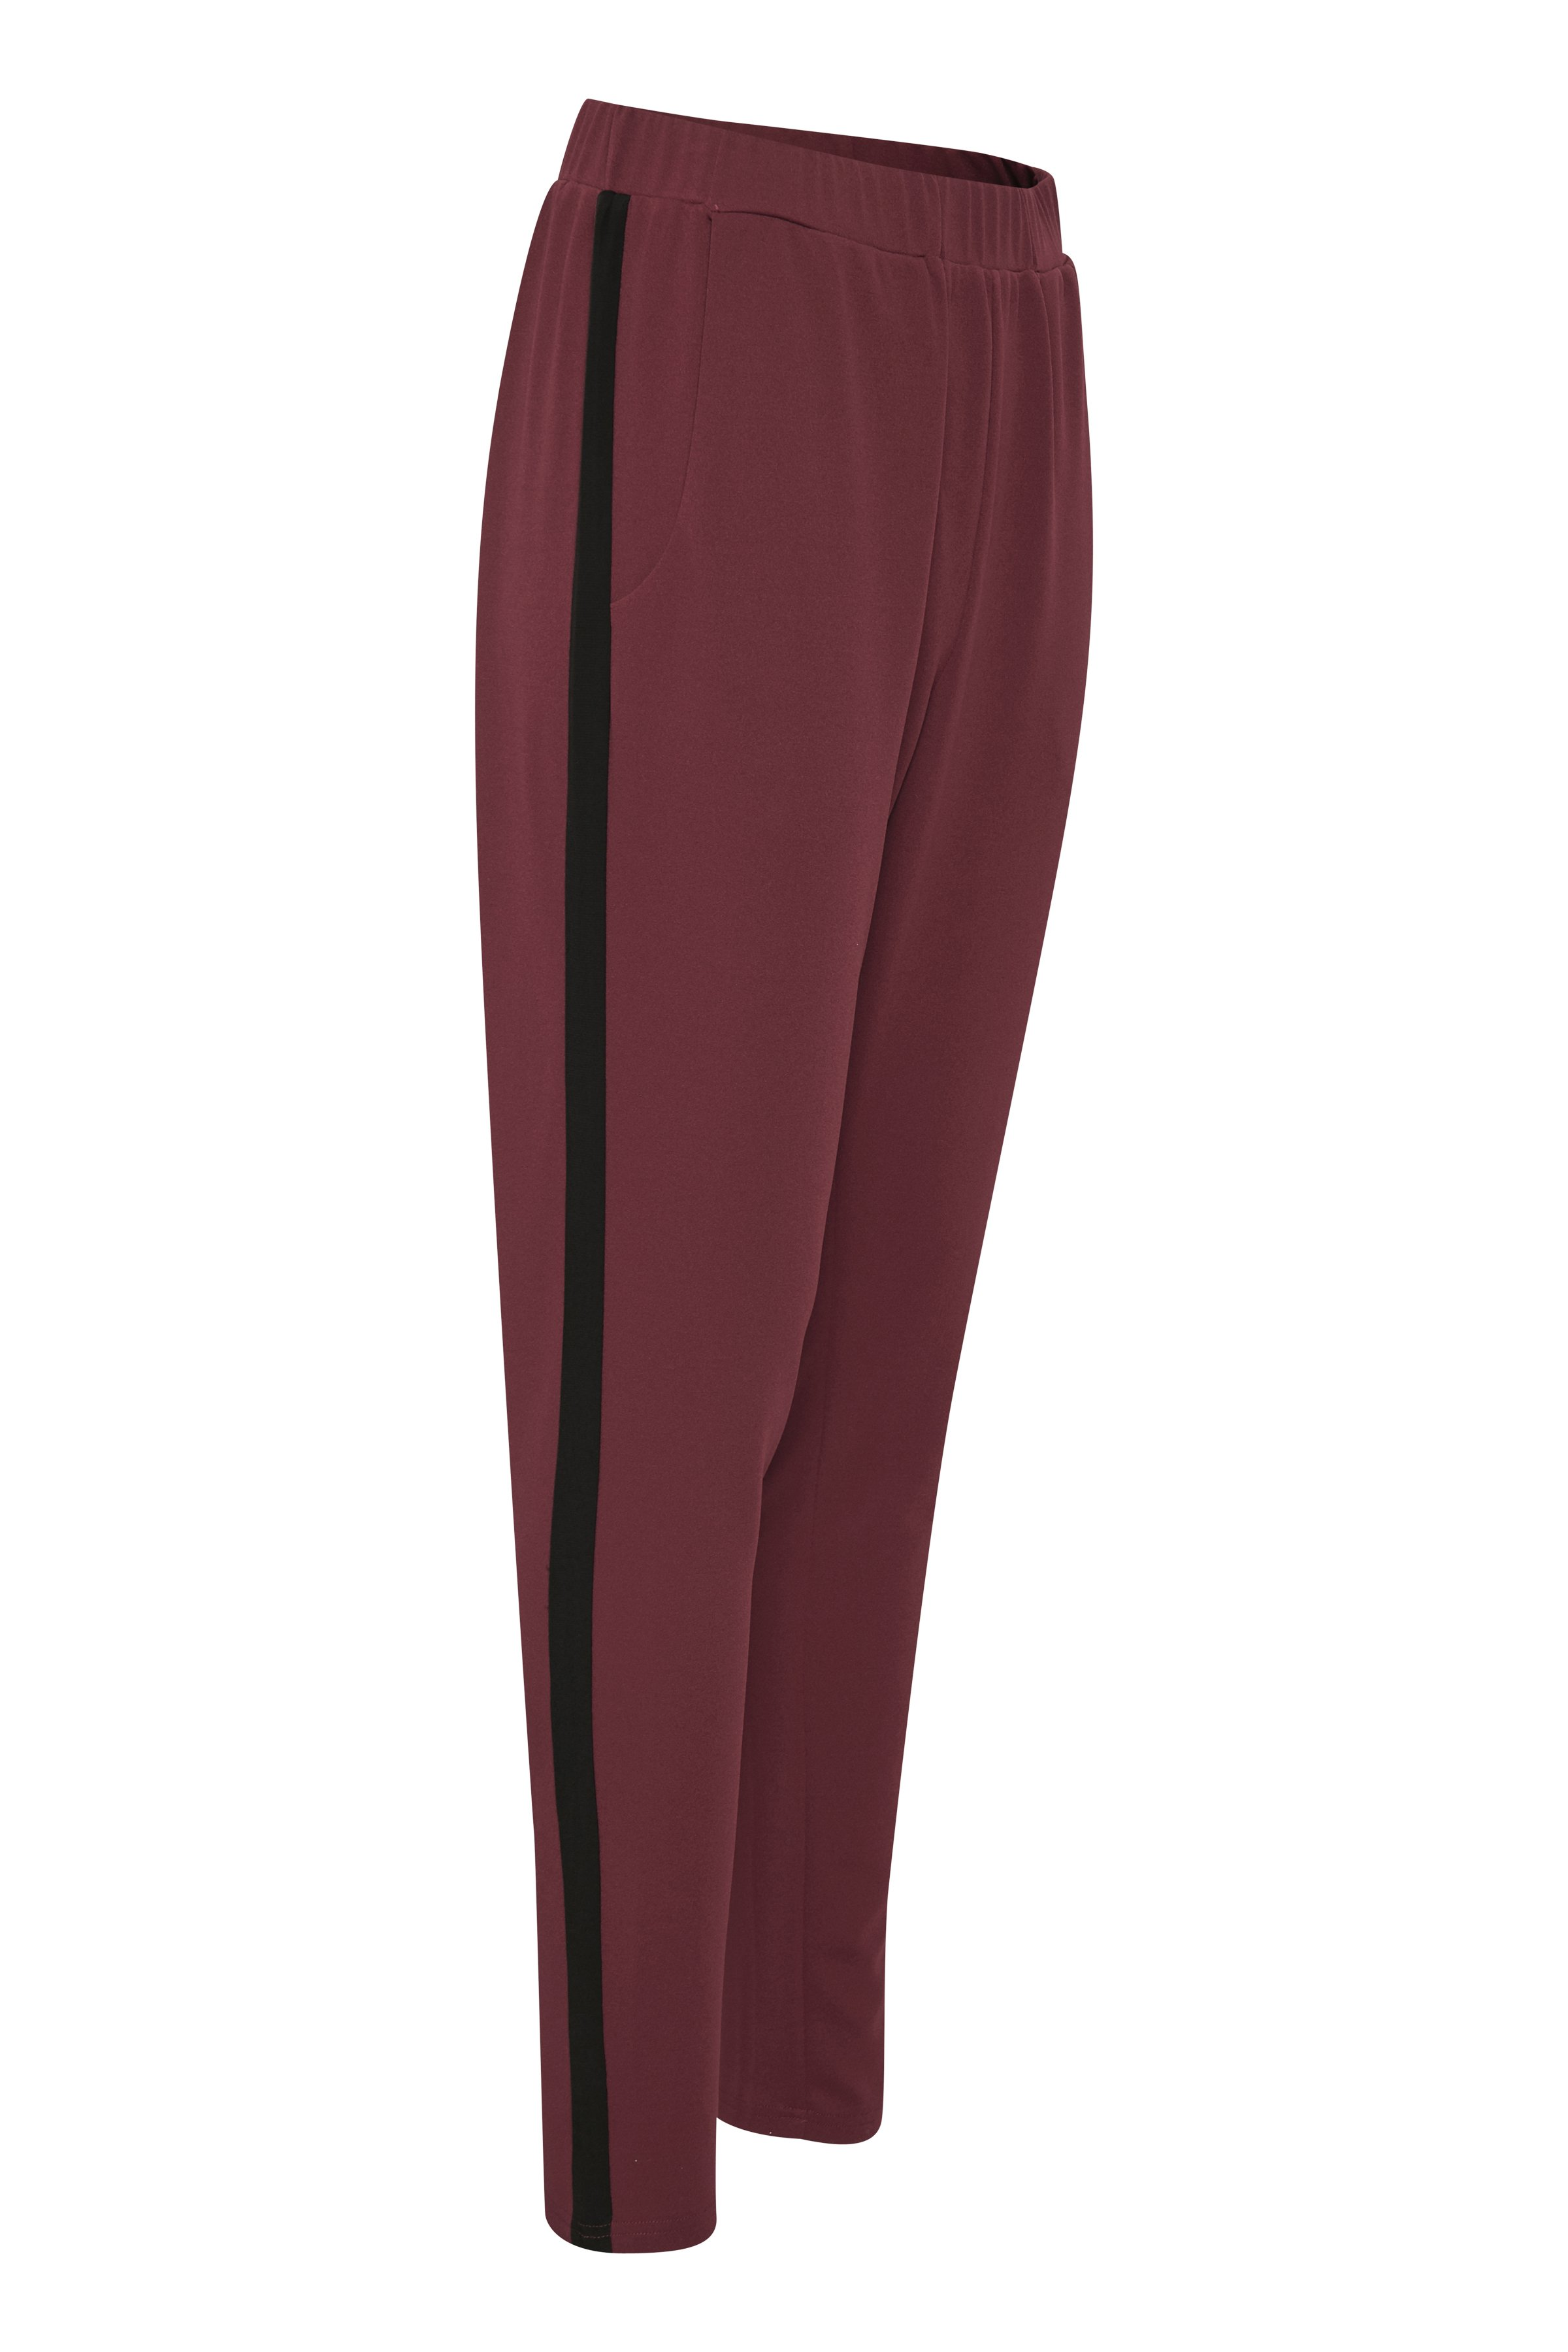 Donkerrood/zwart Casual broek van Kaffe – Door Donkerrood/zwart Casual broek van maat. XS-XXL hier